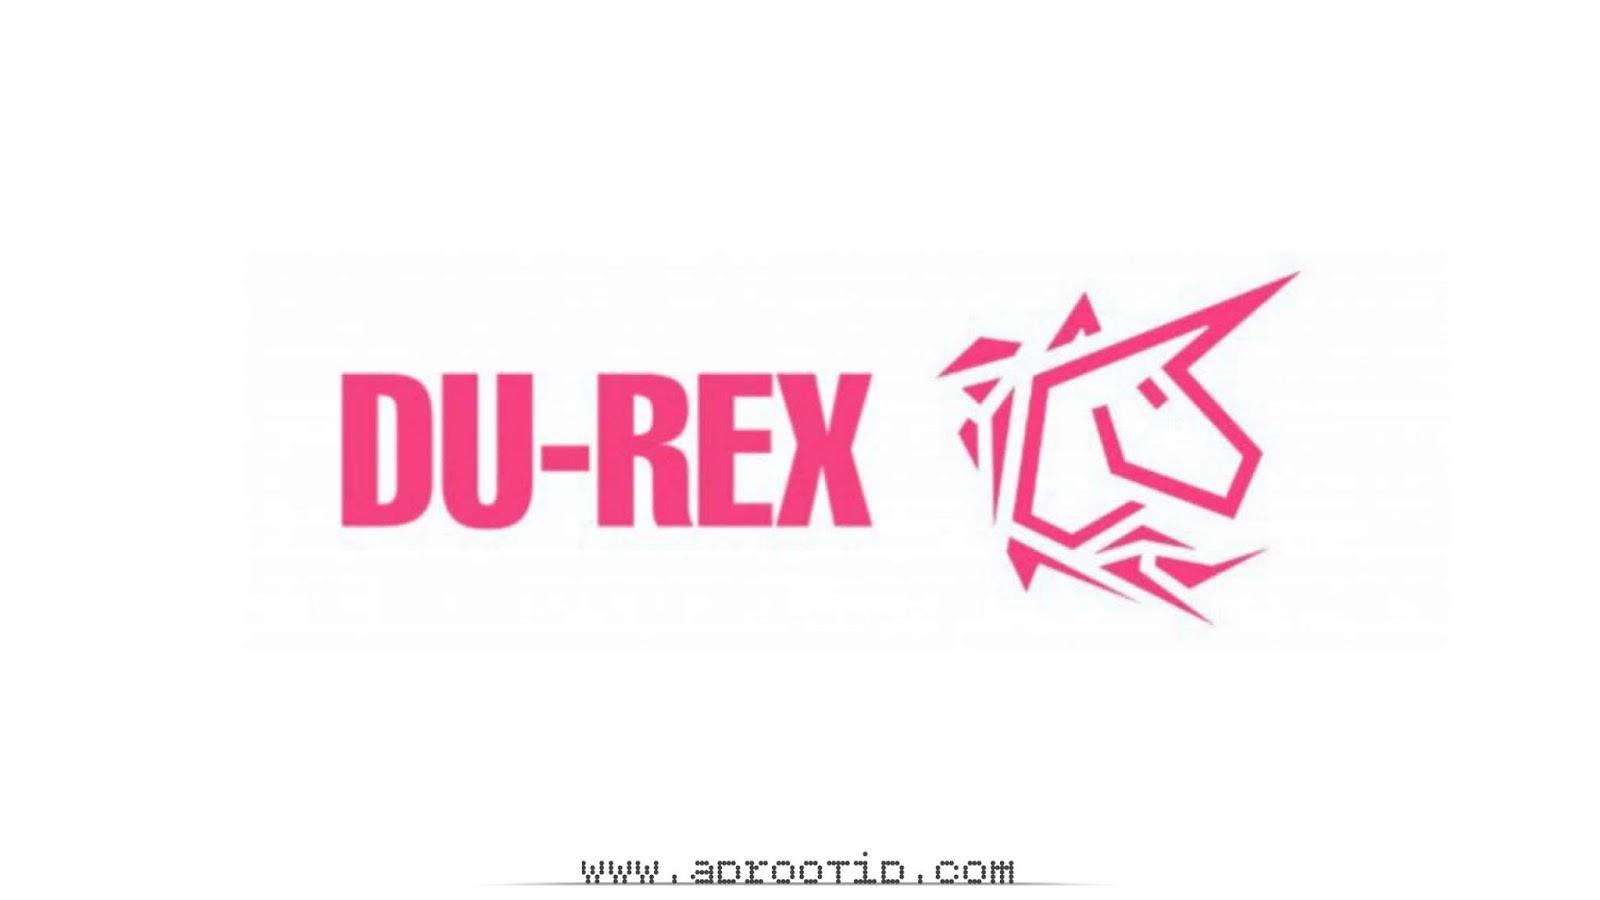 DUREX Redmi 4X